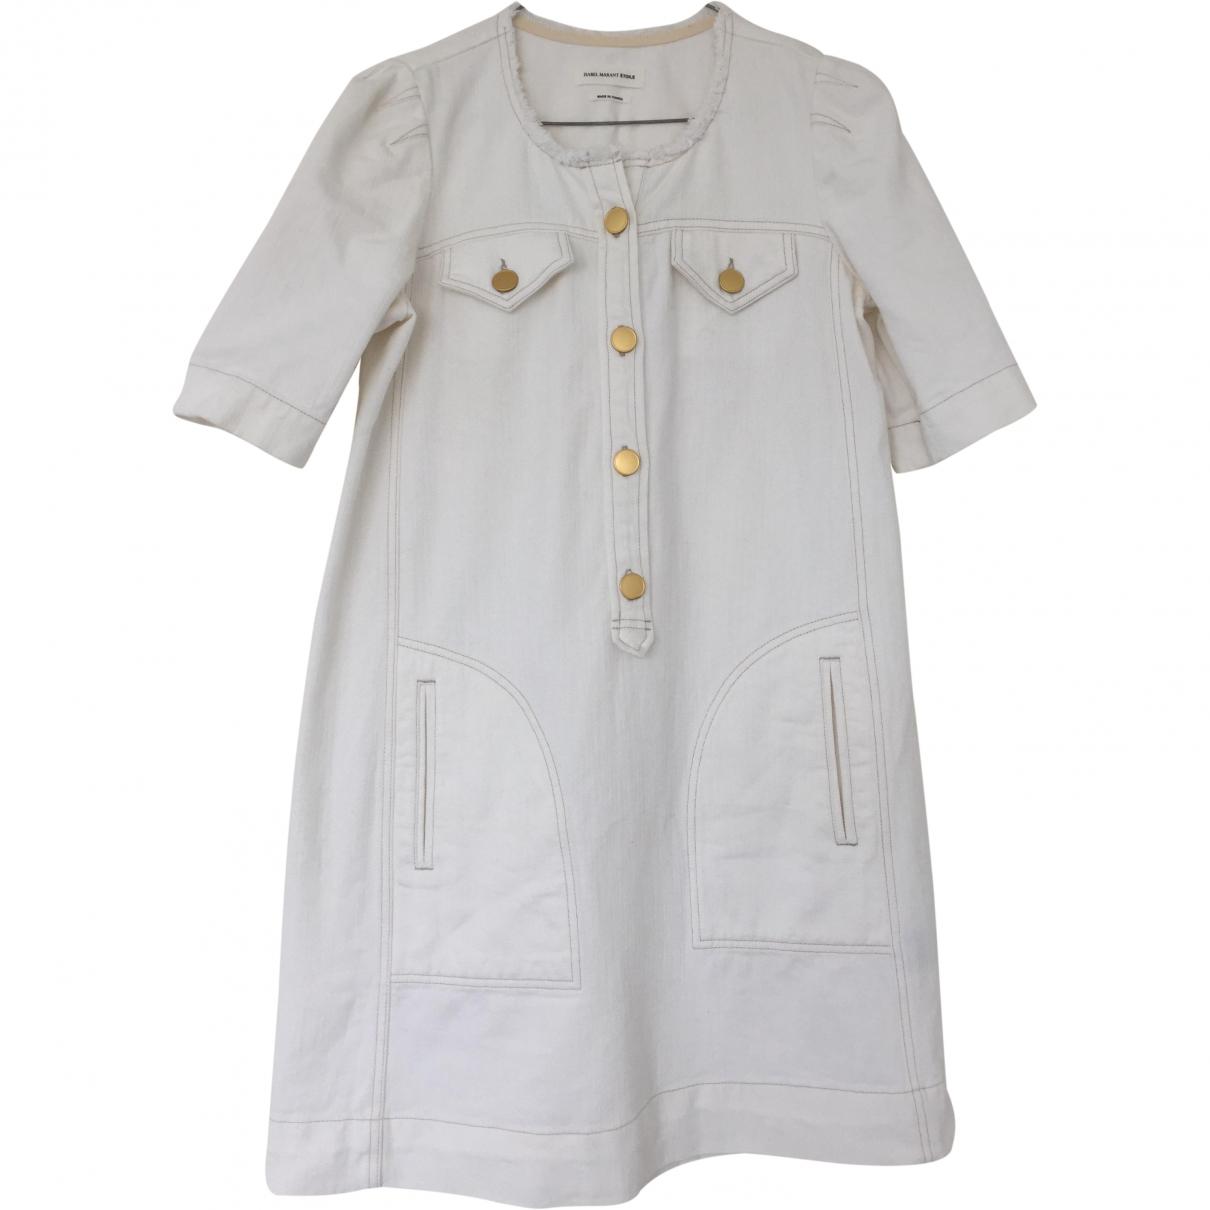 Isabel Marant Etoile \N White Denim - Jeans dress for Women 38 FR